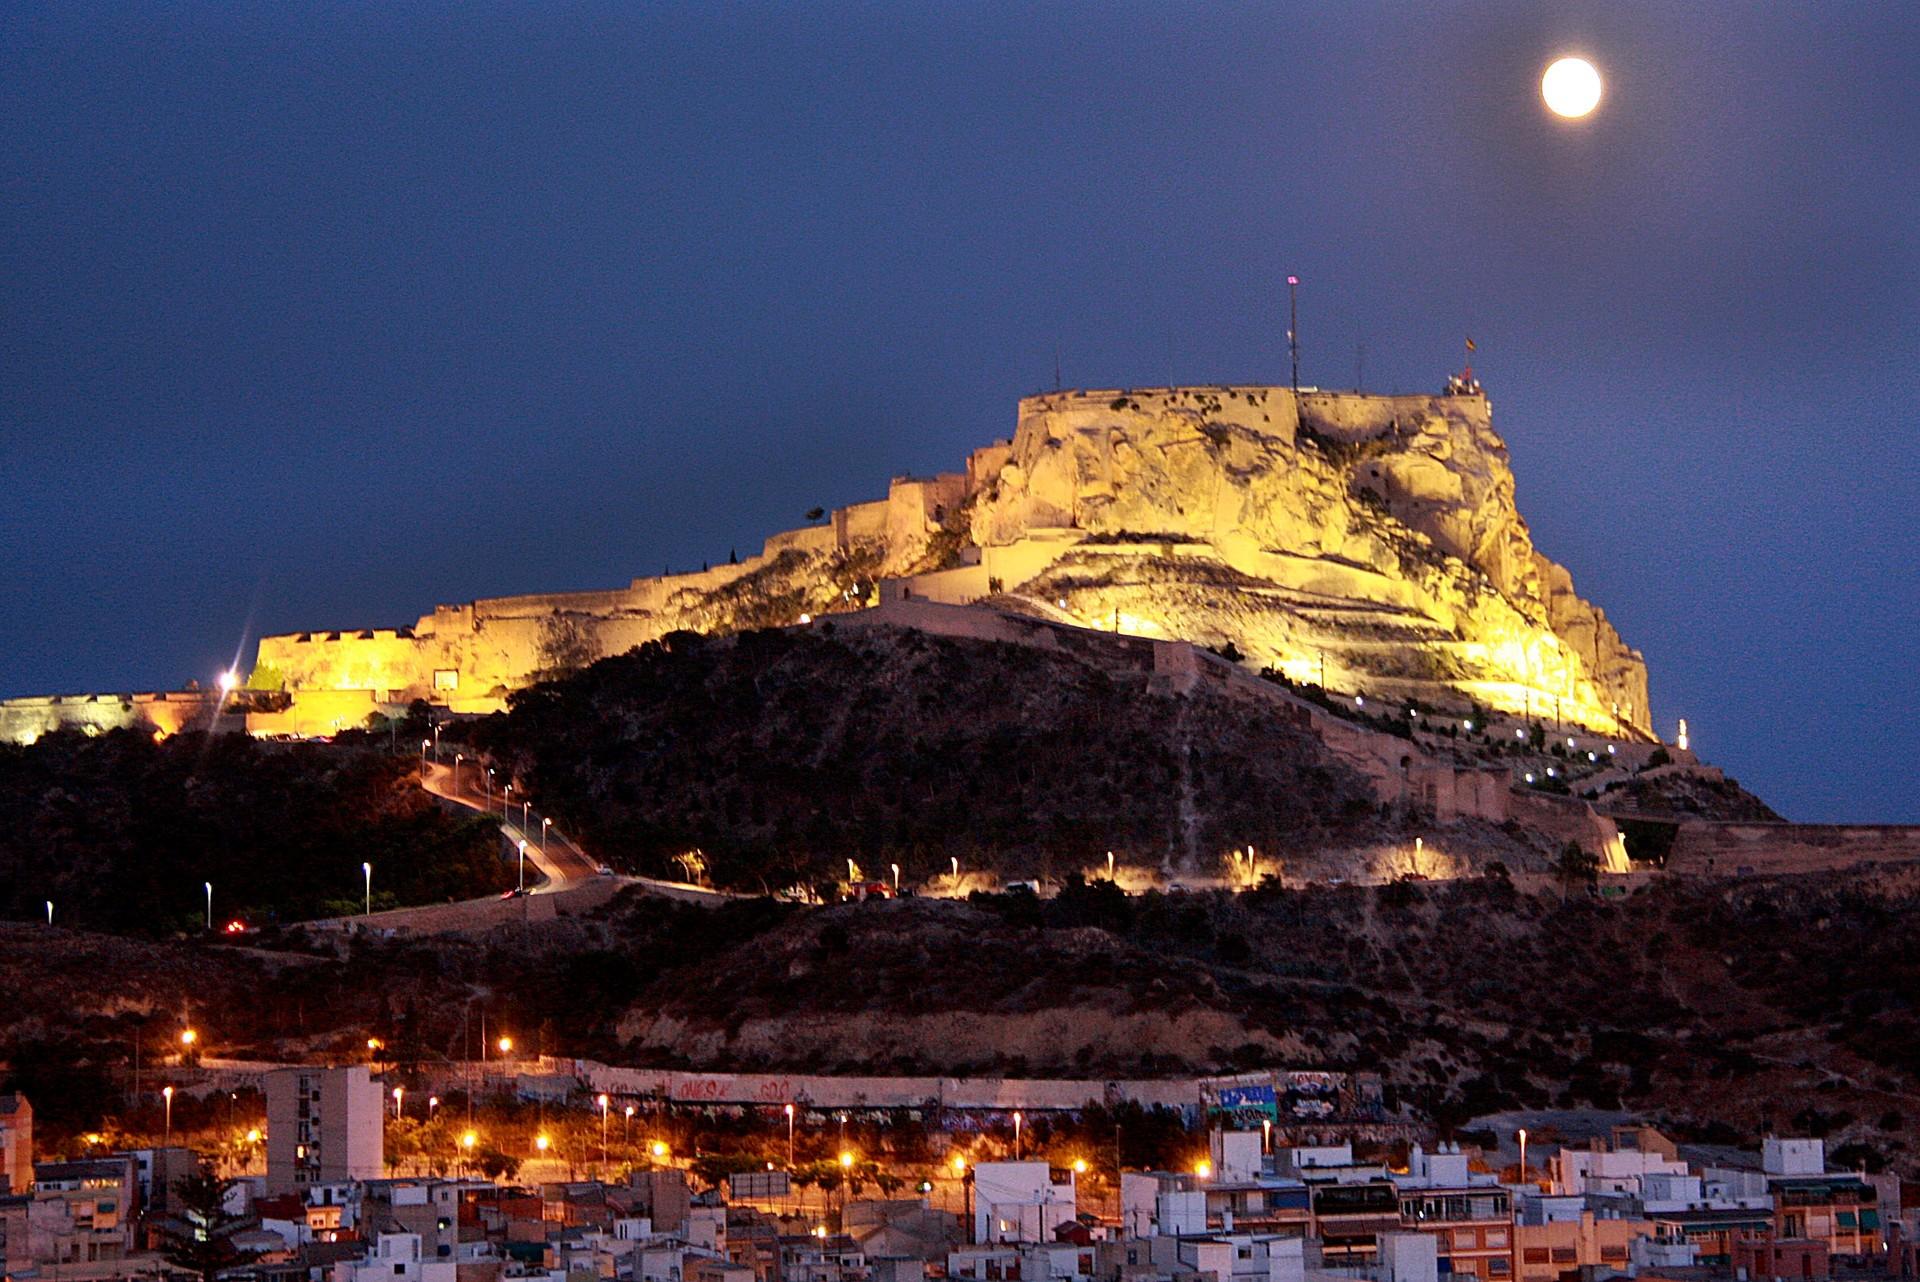 Erasmusowe doświadczenia W Alicante, Hiszpania oczami Marion